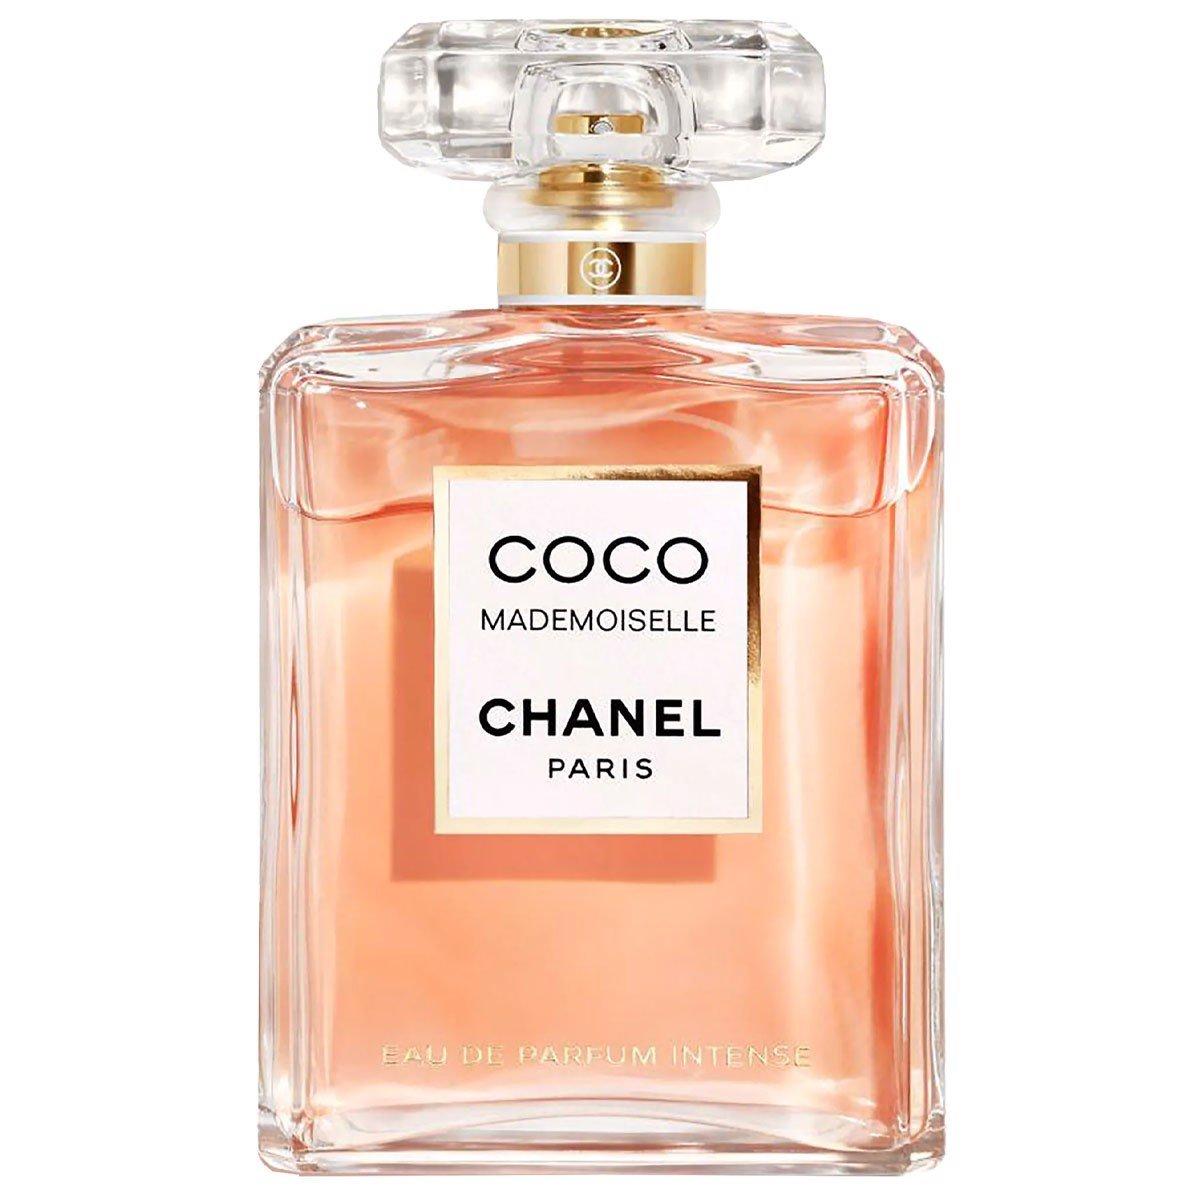 Nước Hoa Chanel Coco Mademoiselle Night Fragrance 100ml